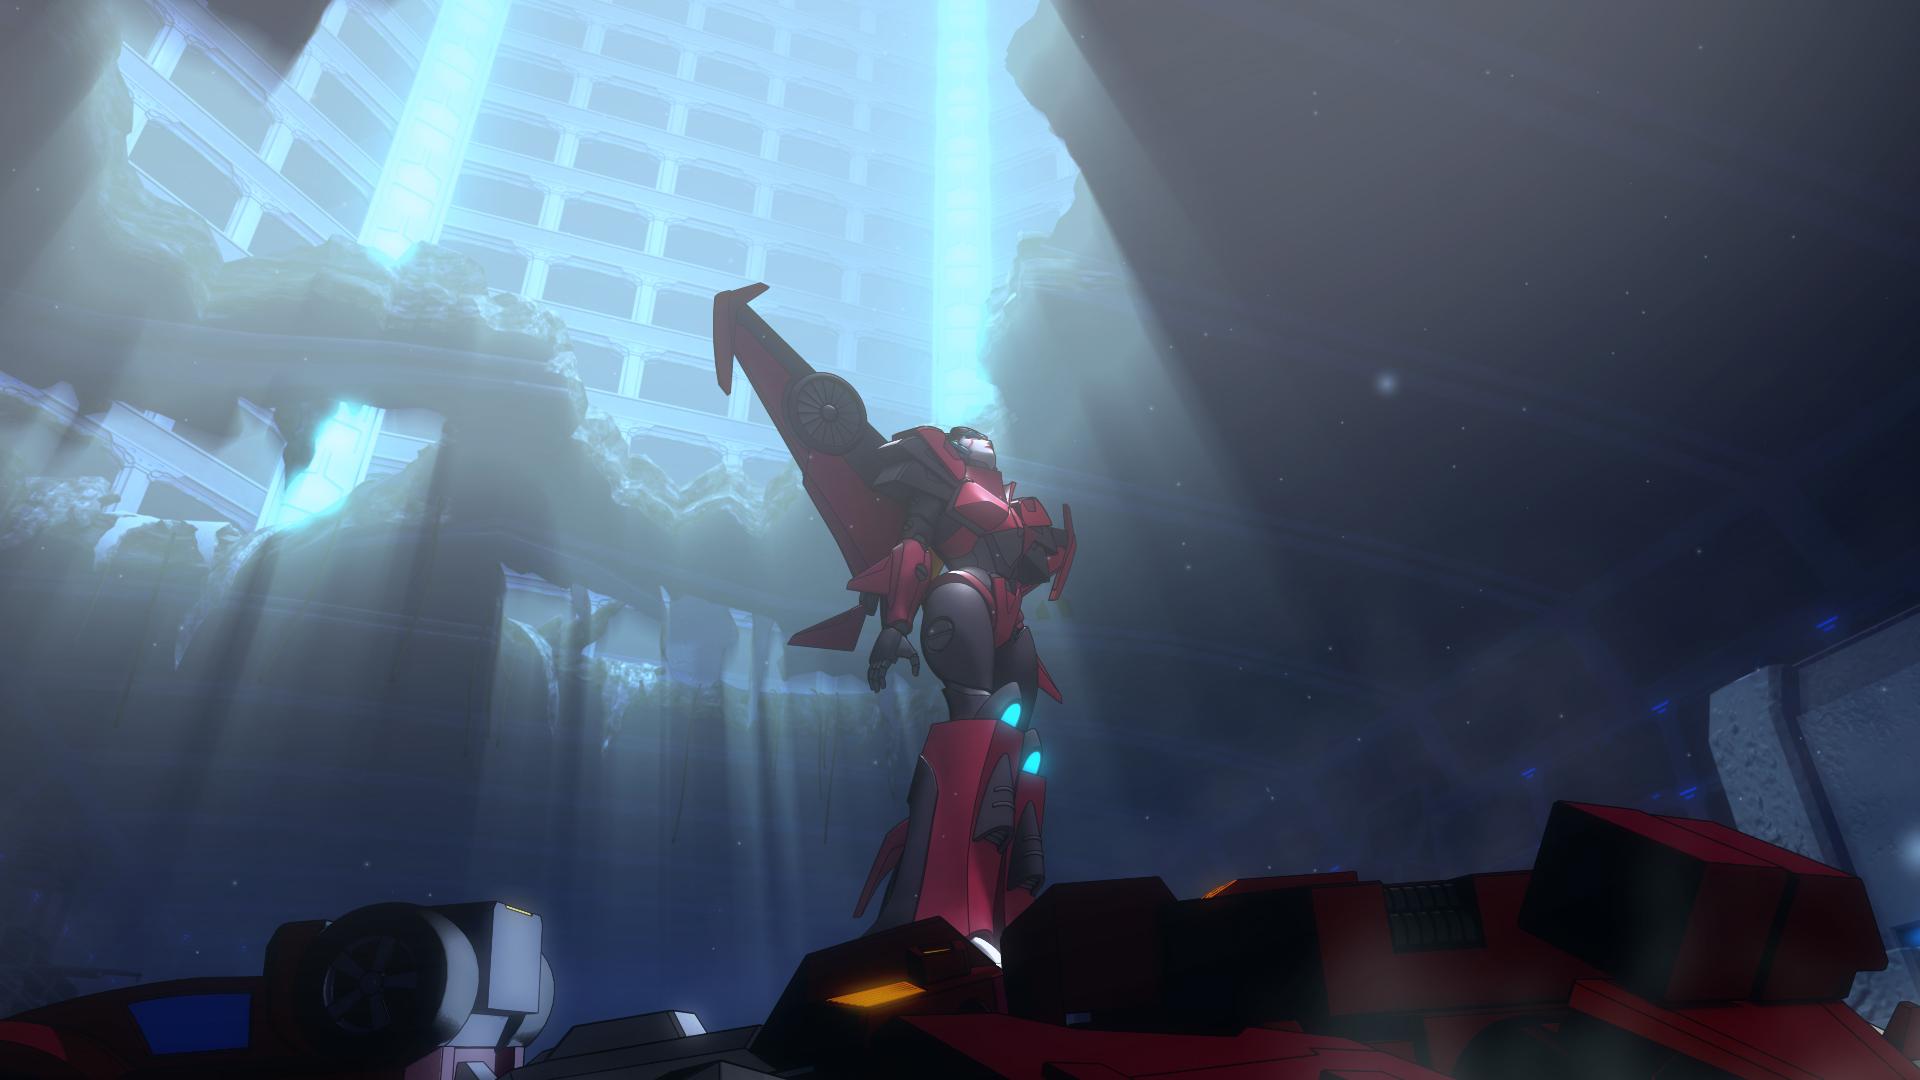 transformers-combiner-wars-windblade.jpg